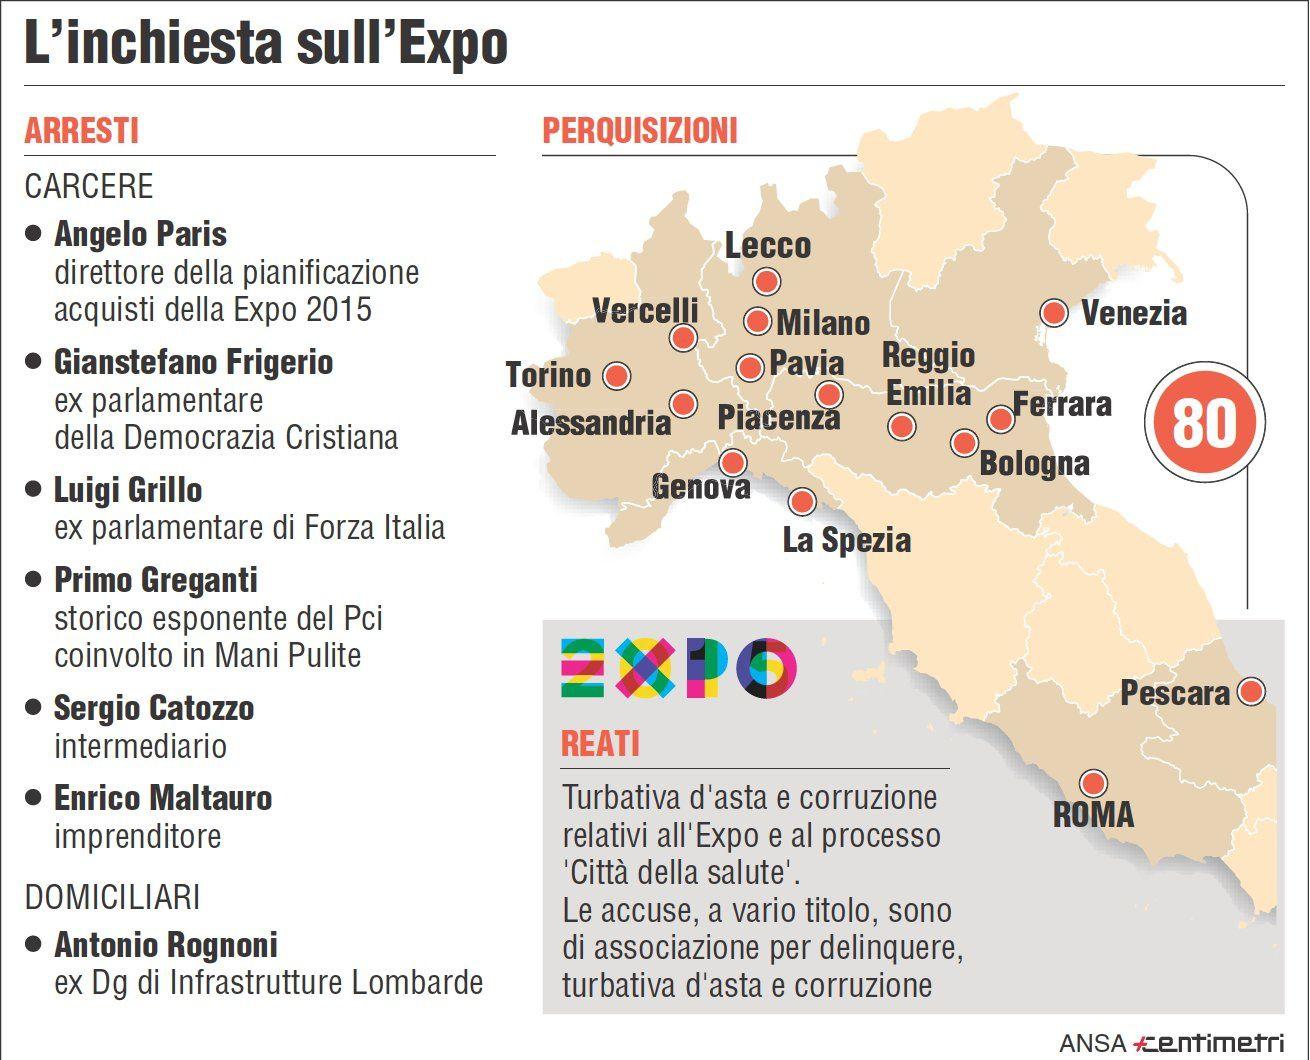 La Regione Basilicata entra nell'EXPO 2015